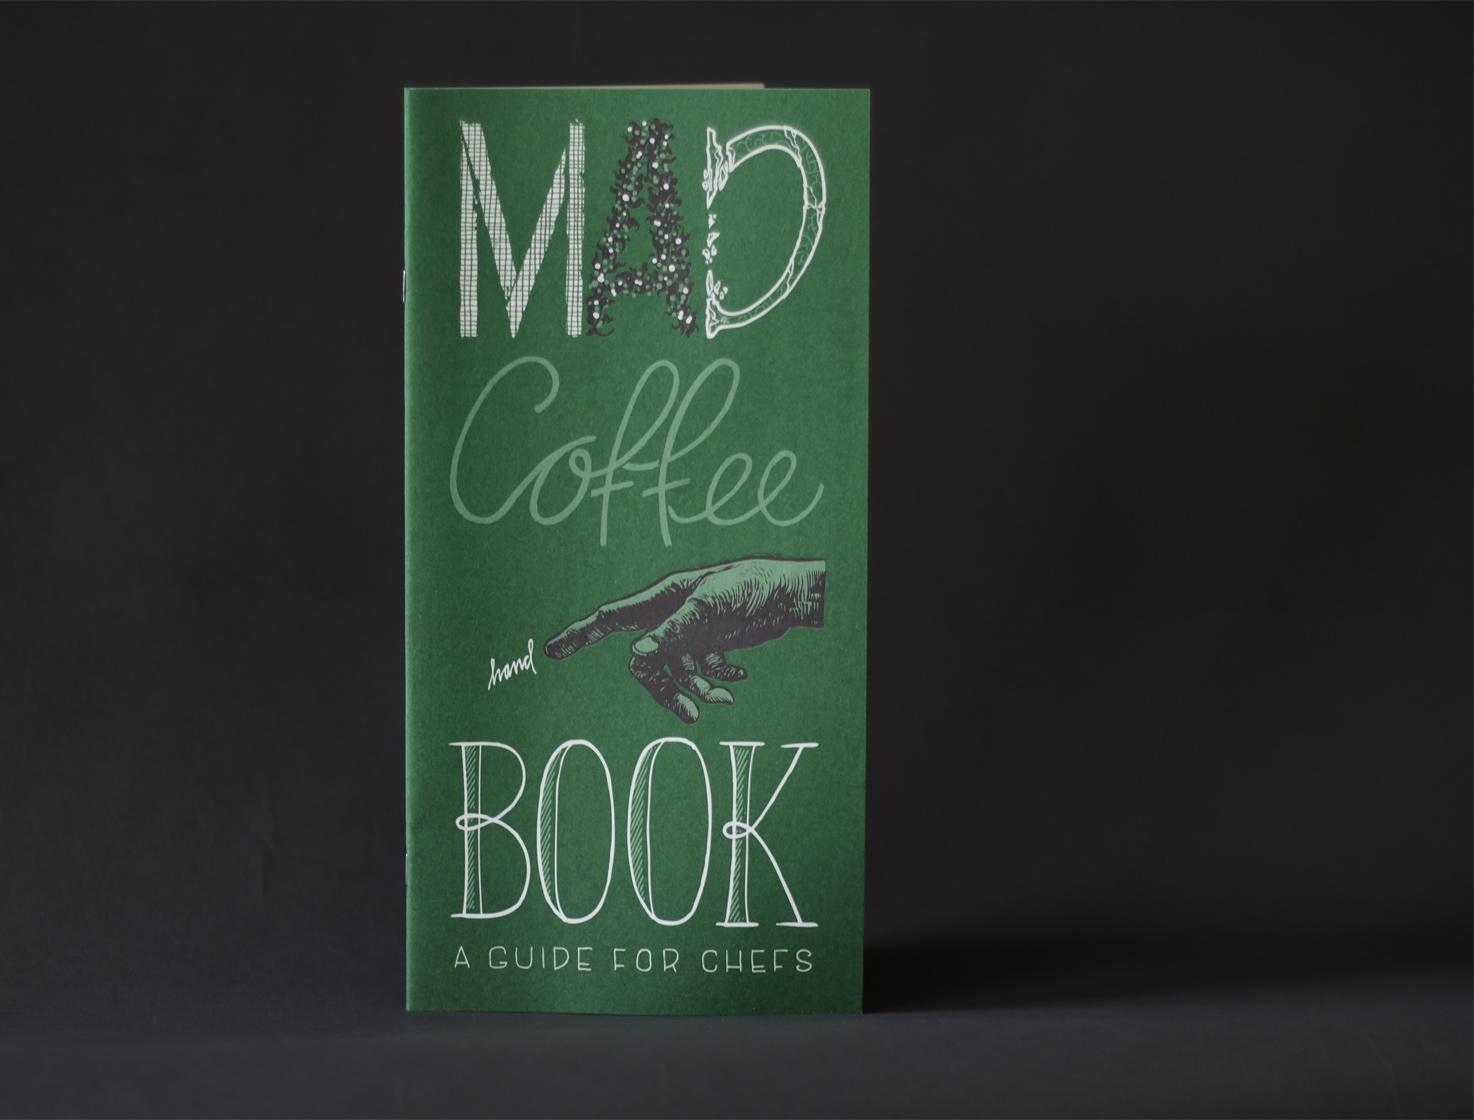 MAD-coffeee